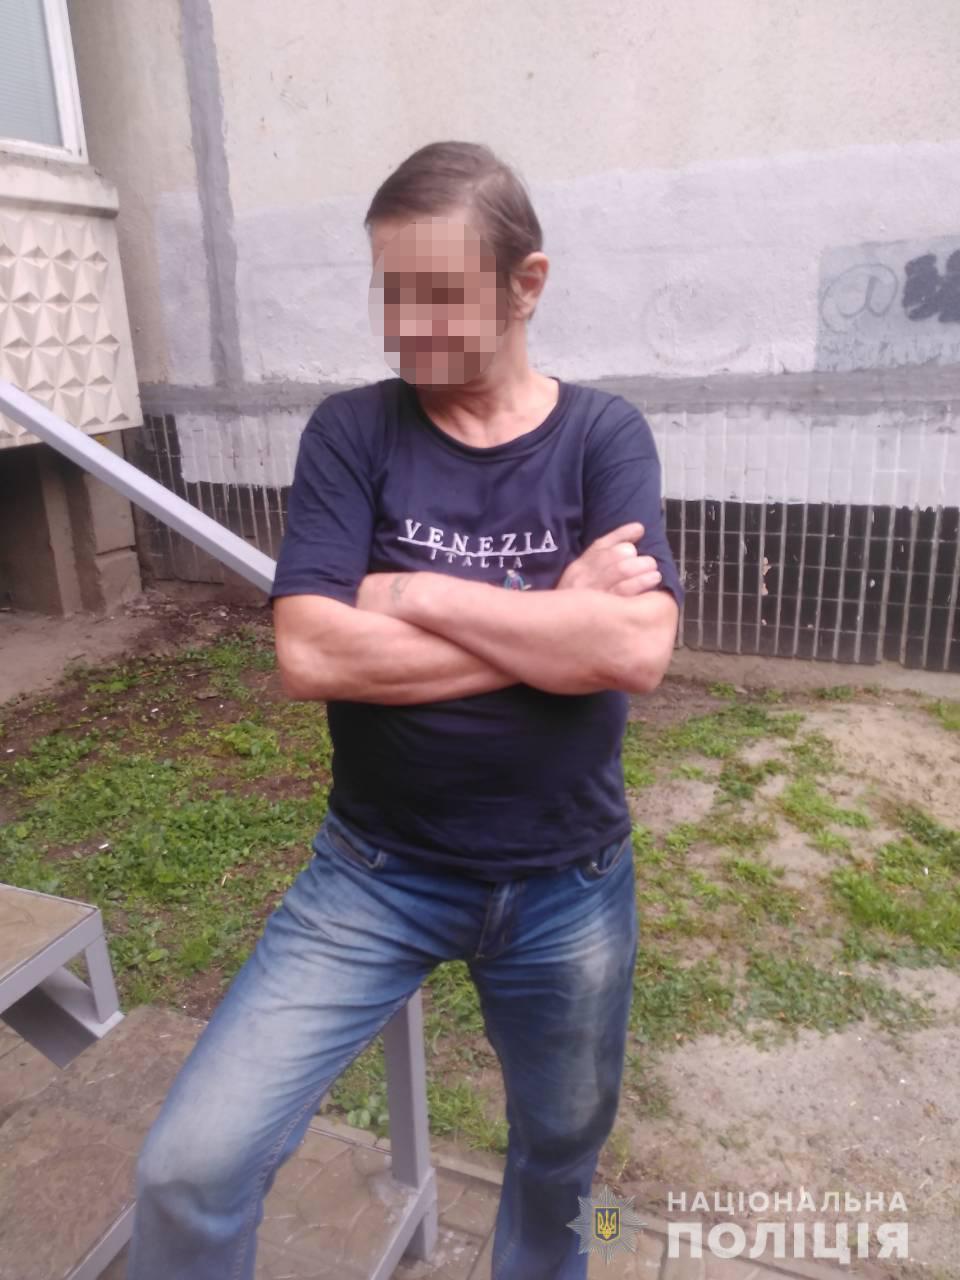 Задержанному грозит ограничение свободы / Фото: Нацполиция